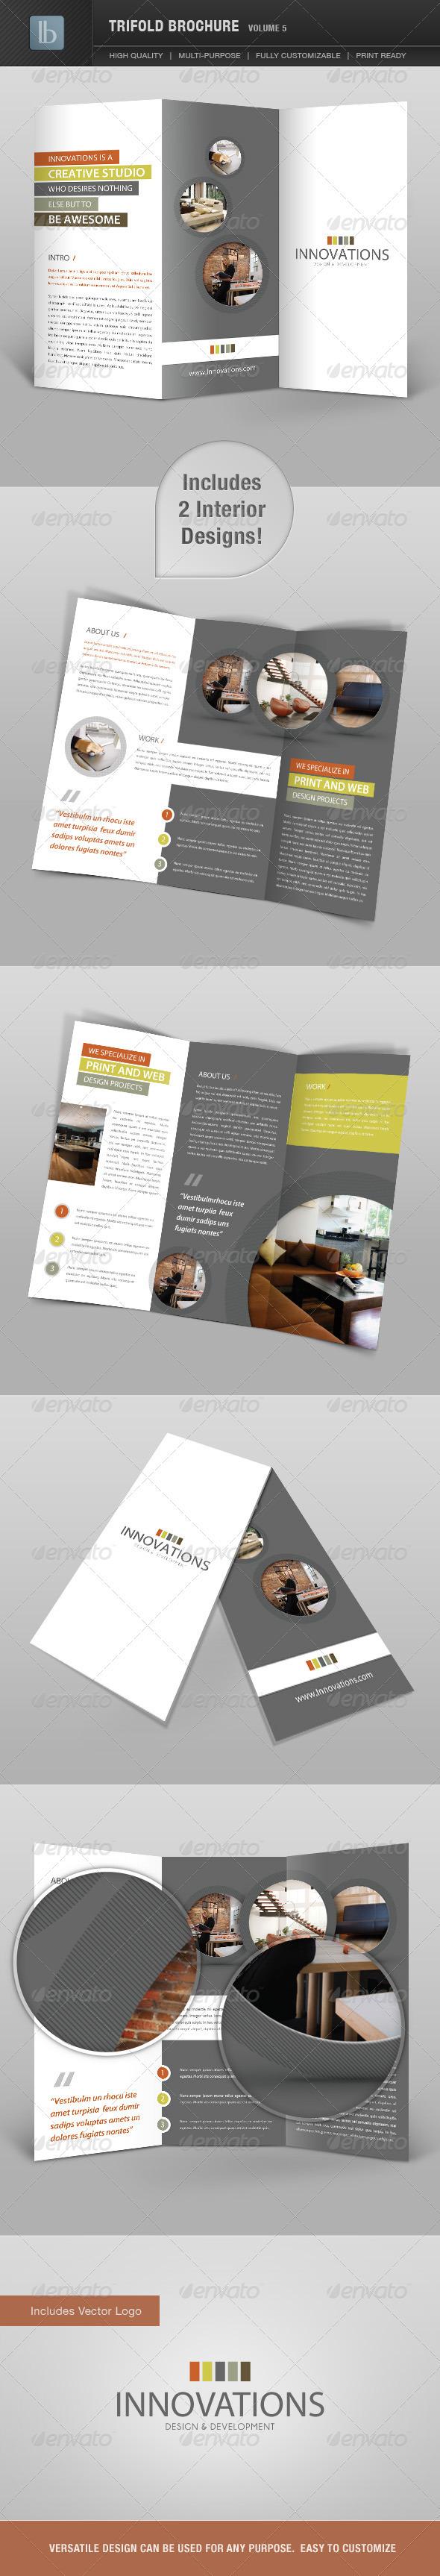 GraphicRiver Trifold Brochure Volume 5 2363921